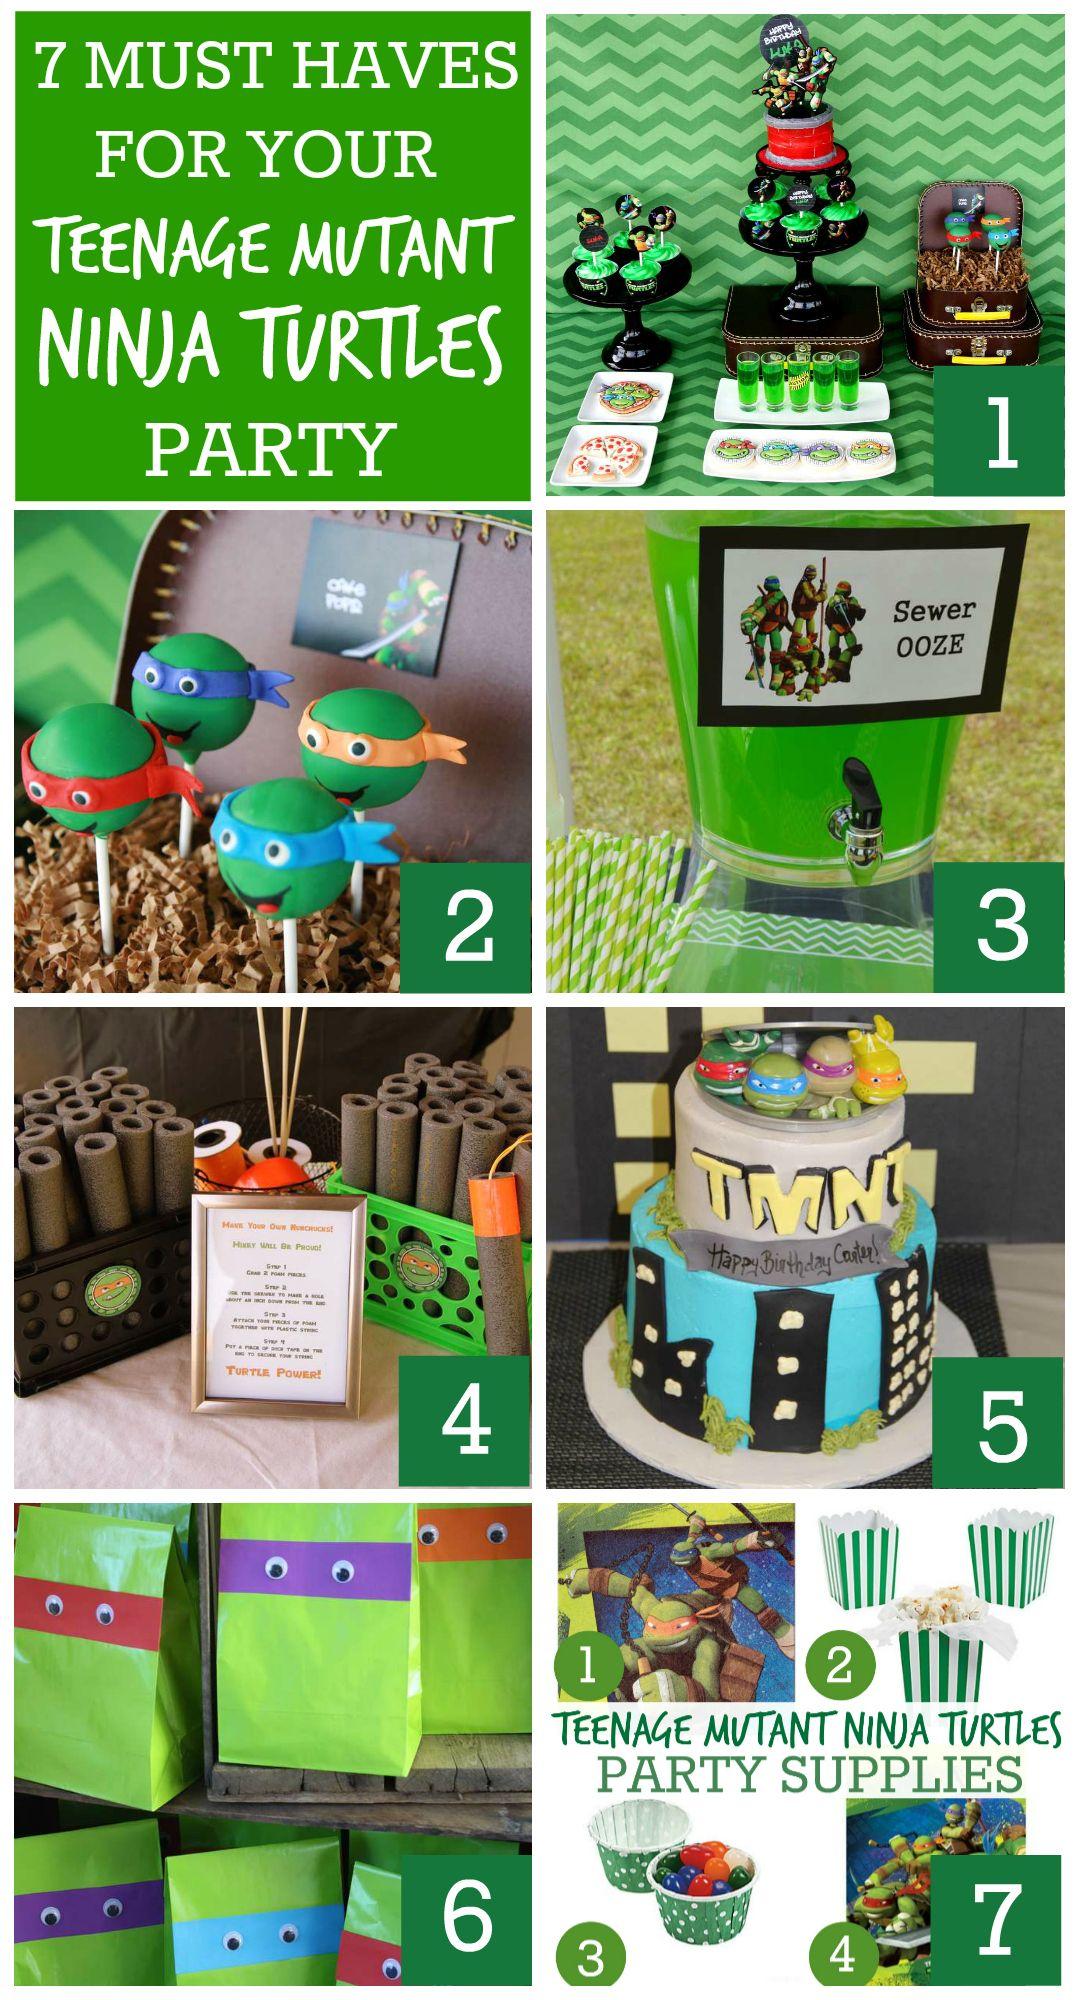 7 Must Have Teenage Mutant Ninja Turtles Party Ideas Turtle Party Ninja Turtles Birthday Party Turtle Birthday Parties